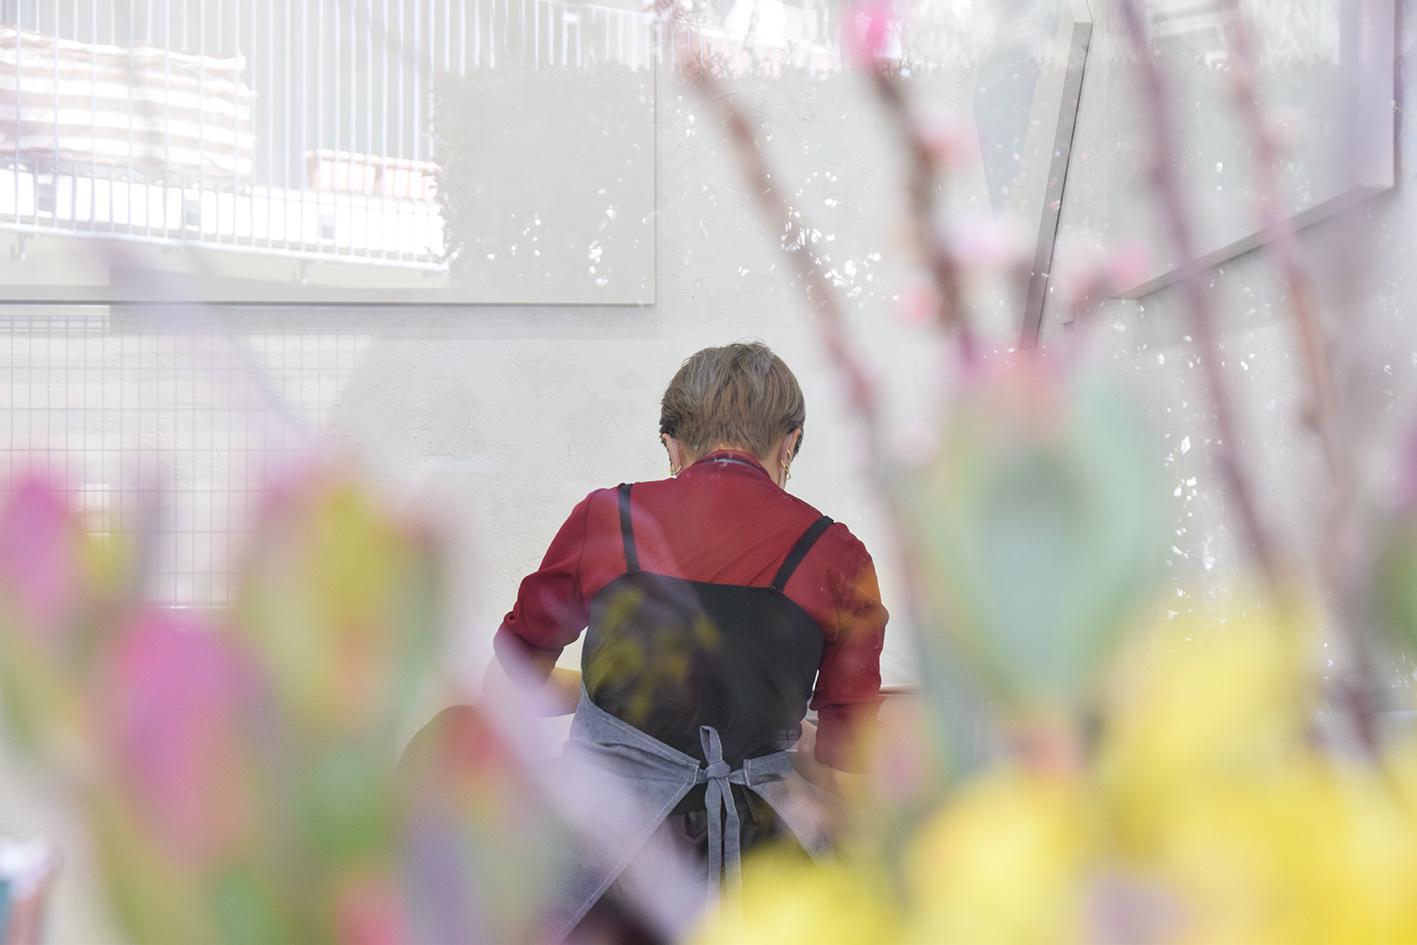 2021.2.24(水) – 3.1(月) 立花 清美 展 where are we? @ 搬入〜初日_e0272050_17515100.jpg